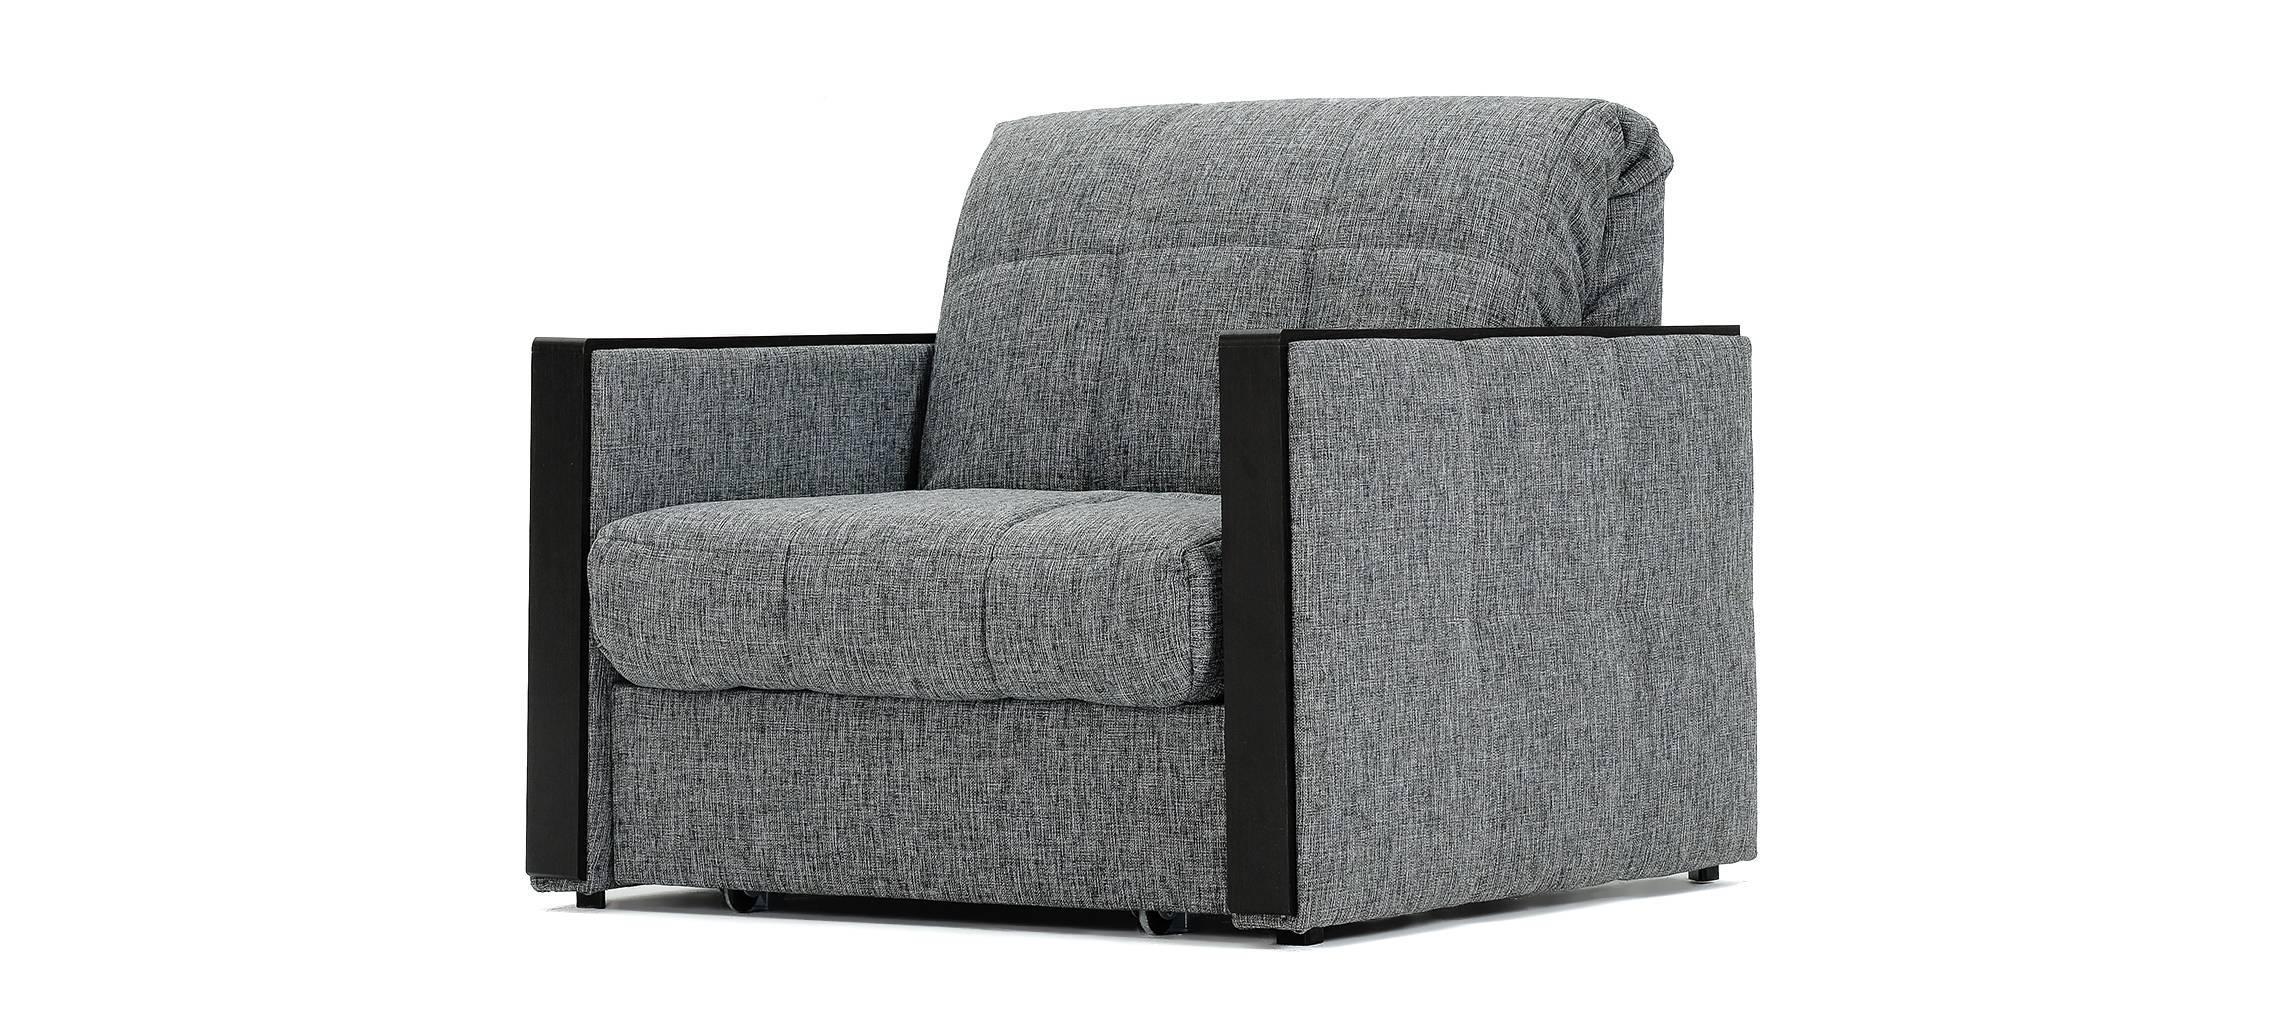 ЛИОН Кресло-кровать Рогожка Натура серый